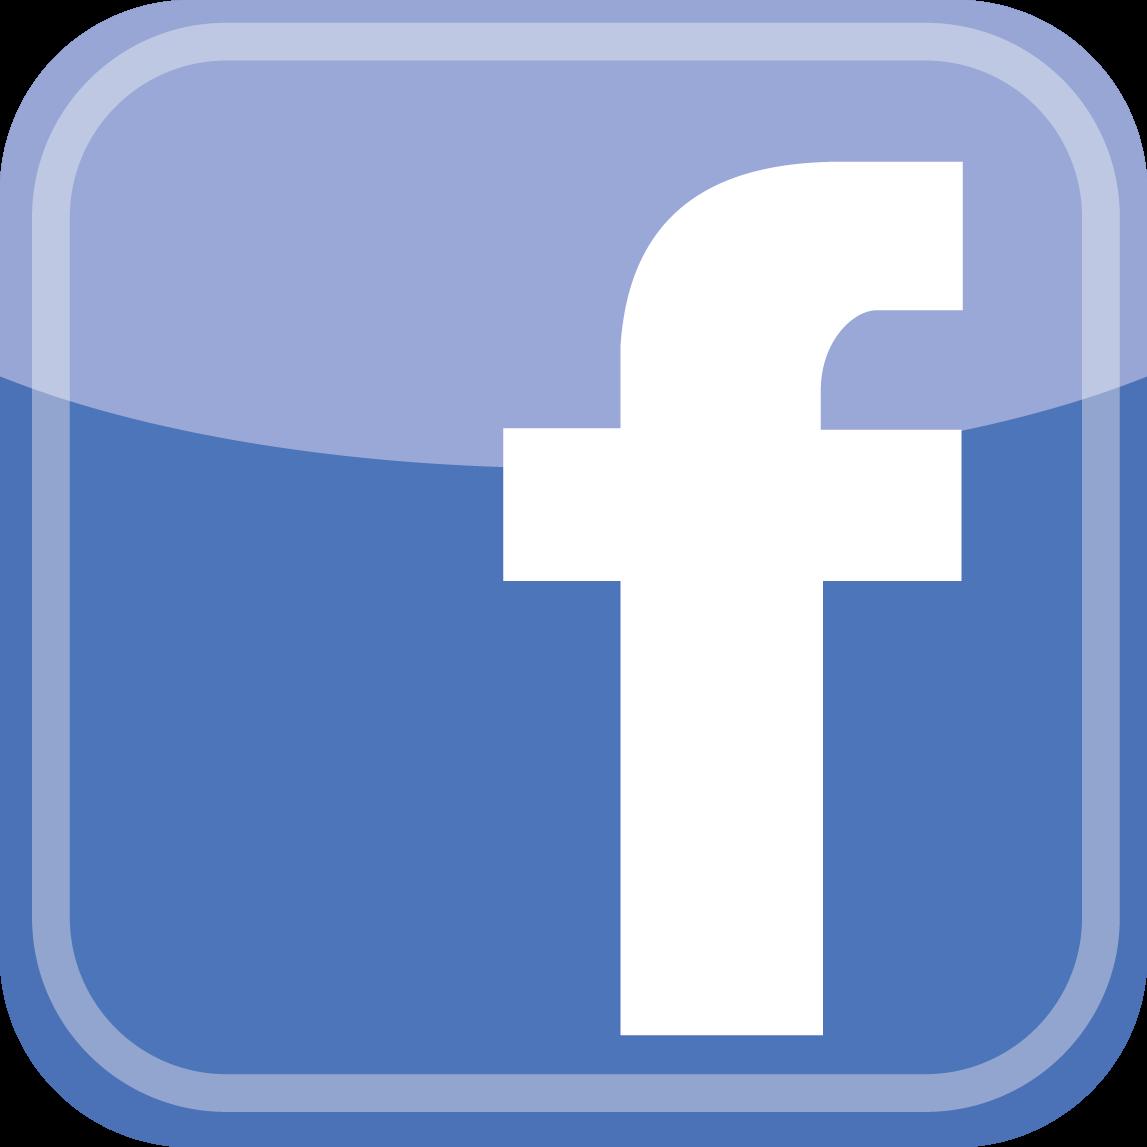 Deixa data de aniversario oculta facebook